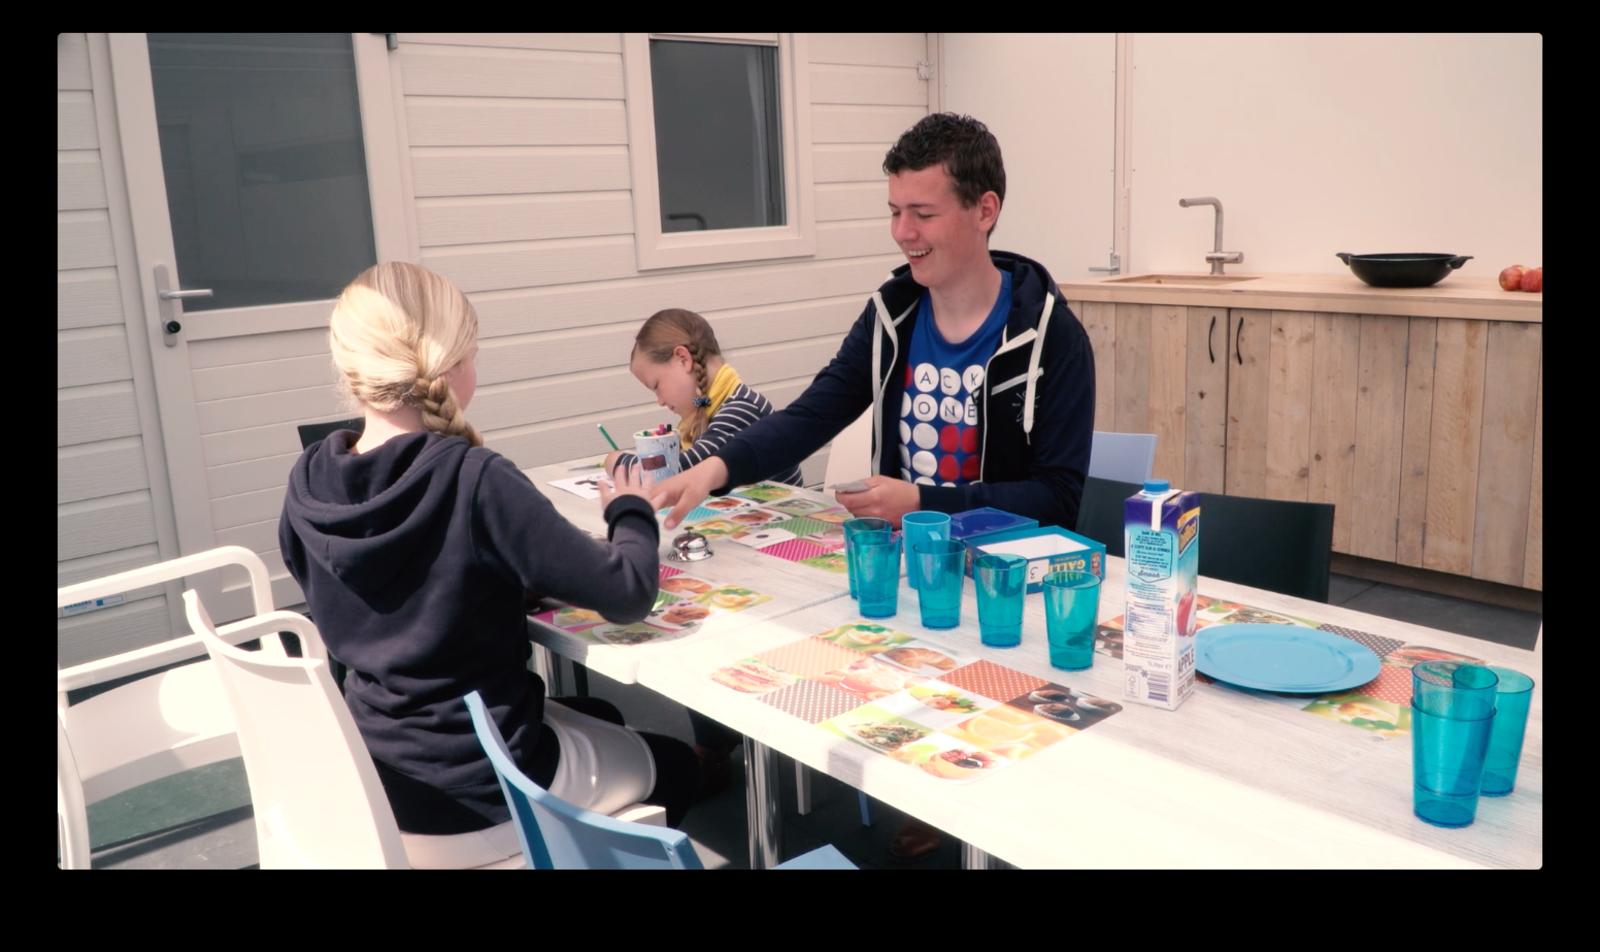 Gruppenunterkunft De Driemaster (20 Personen)